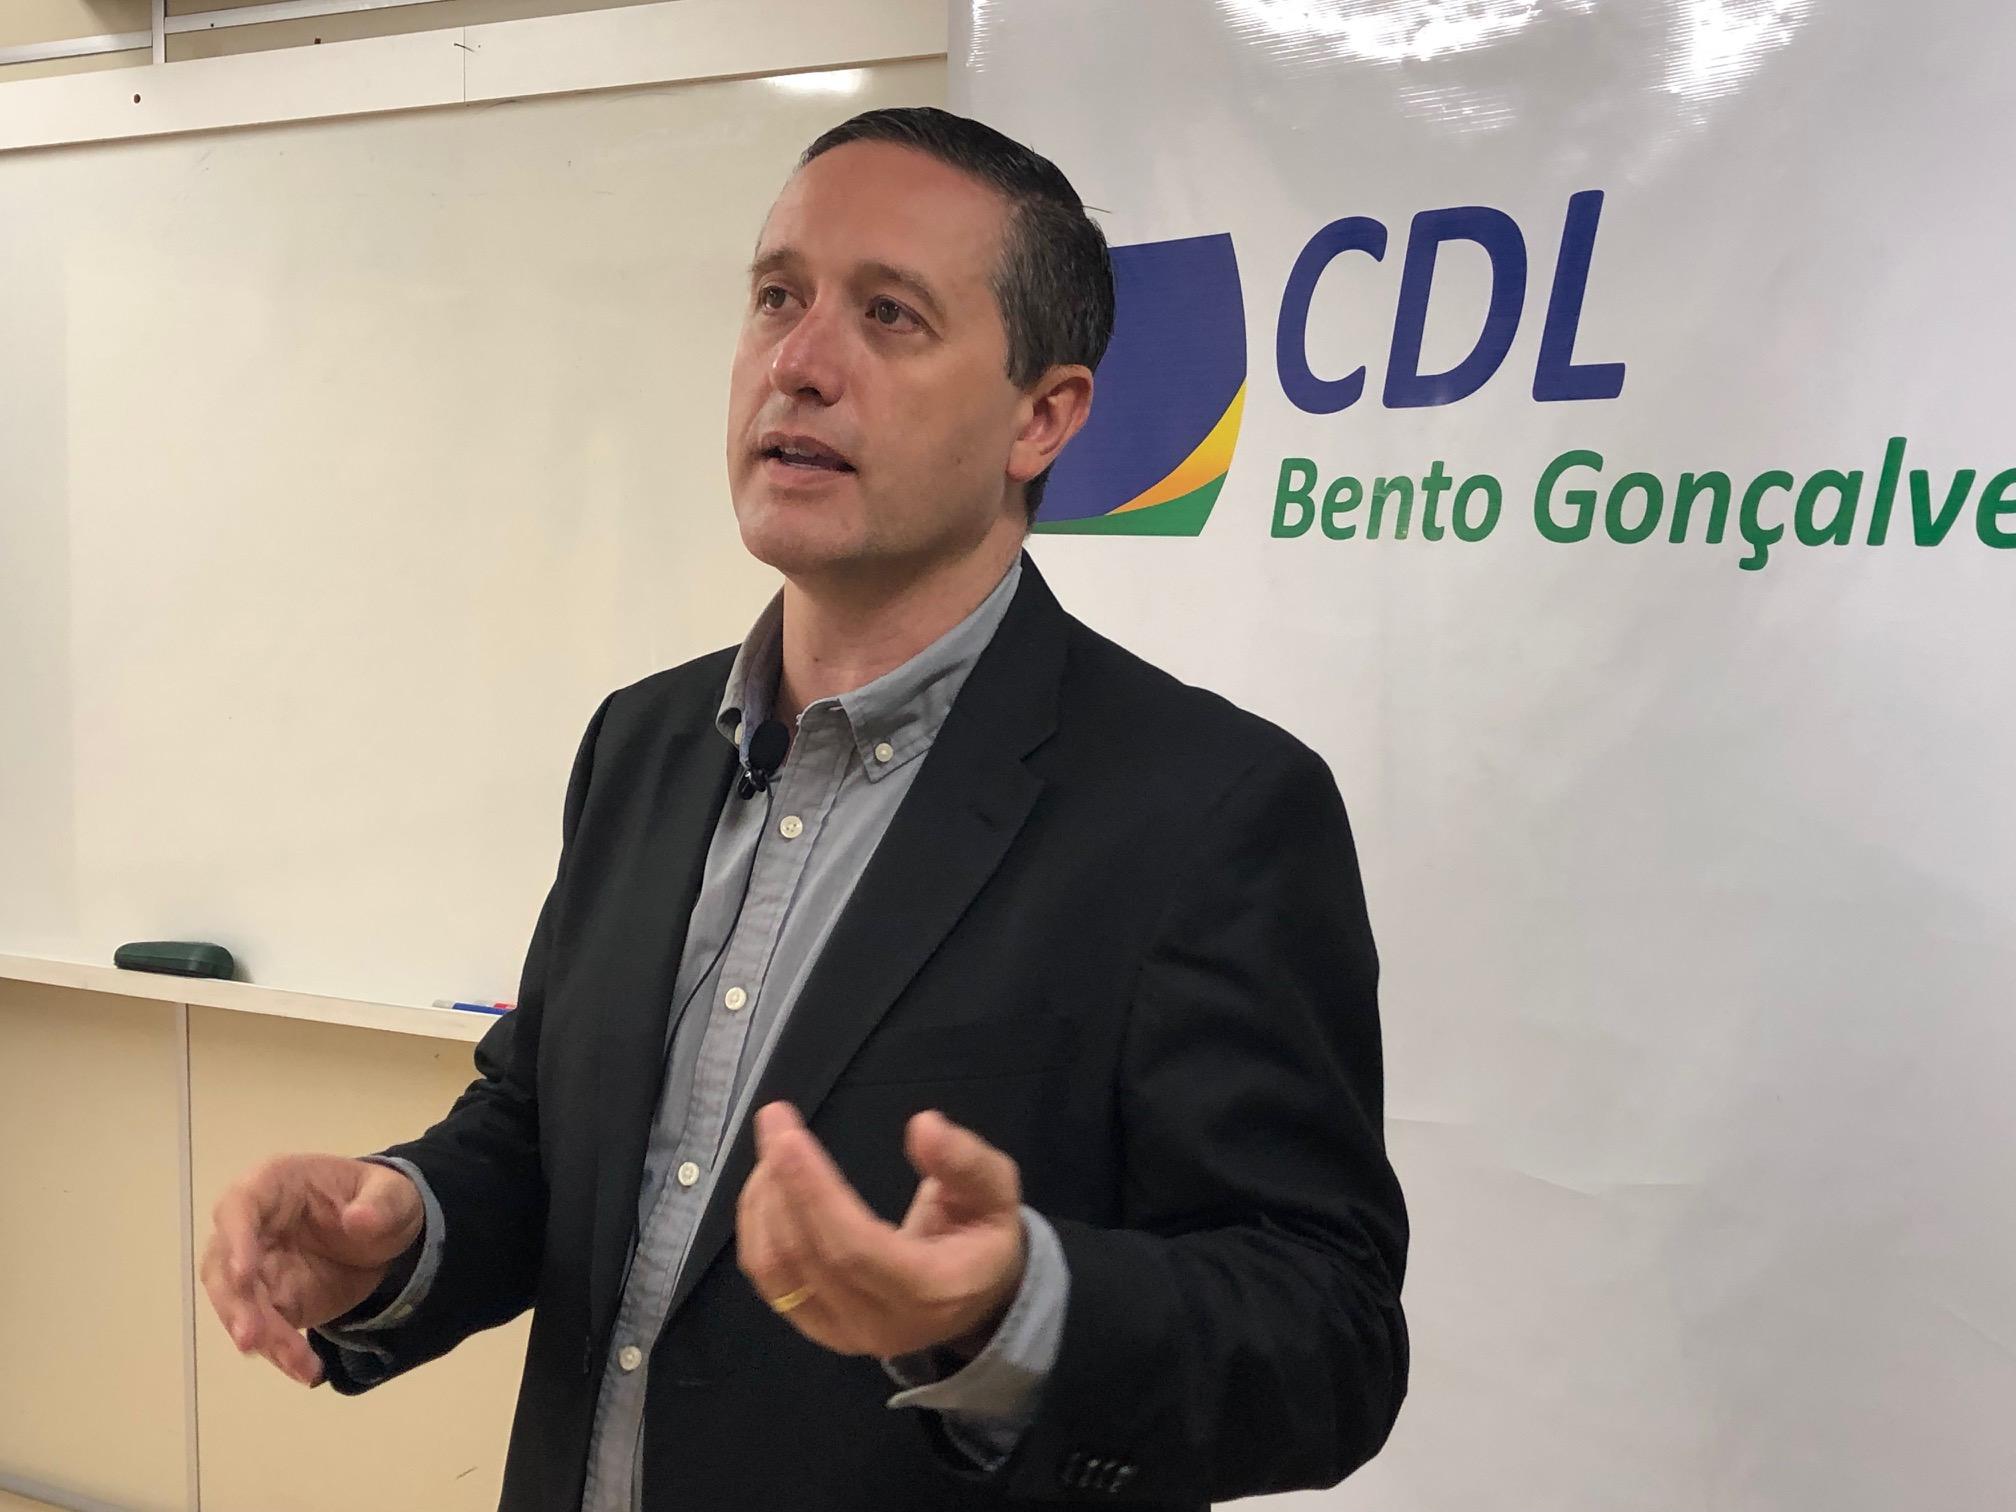 Marcos Carbone, Presidente Da CDL BG – Crédito Exata Comunicação